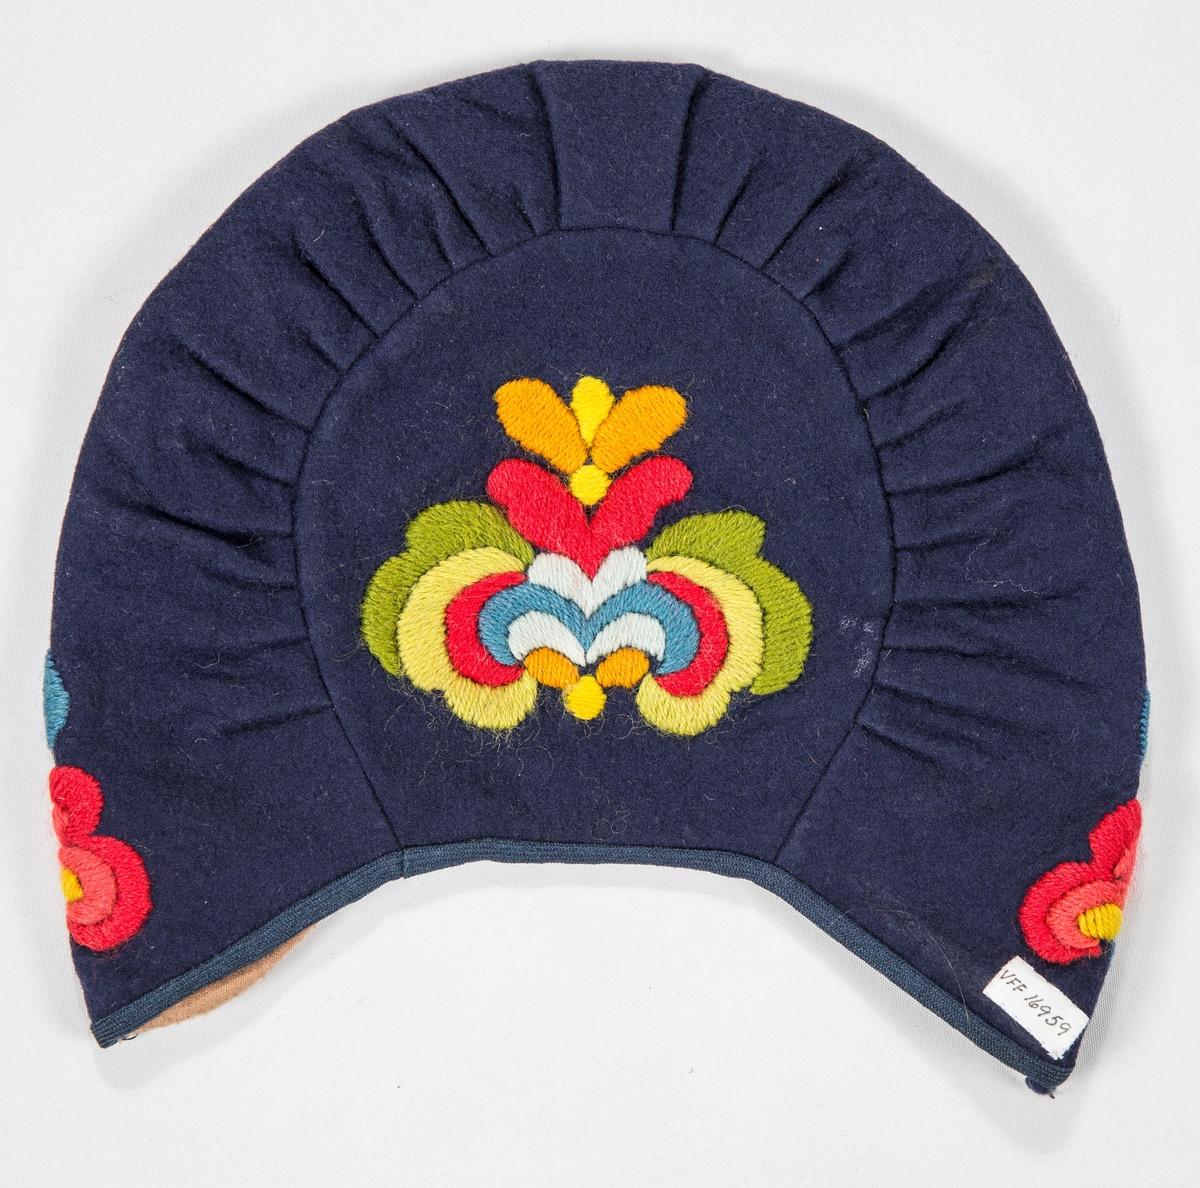 Bunadlue til hallingbunad (Huldra Garberg inspirert?) i blå ullfilt.  Brodert med ullgarn i blått, lyseblått, raudt, grønt, gult. Rund pull bak med eit foldelagt rett stykke rundt. Kanta med skråband. Fóra med rosa flanellstøy.